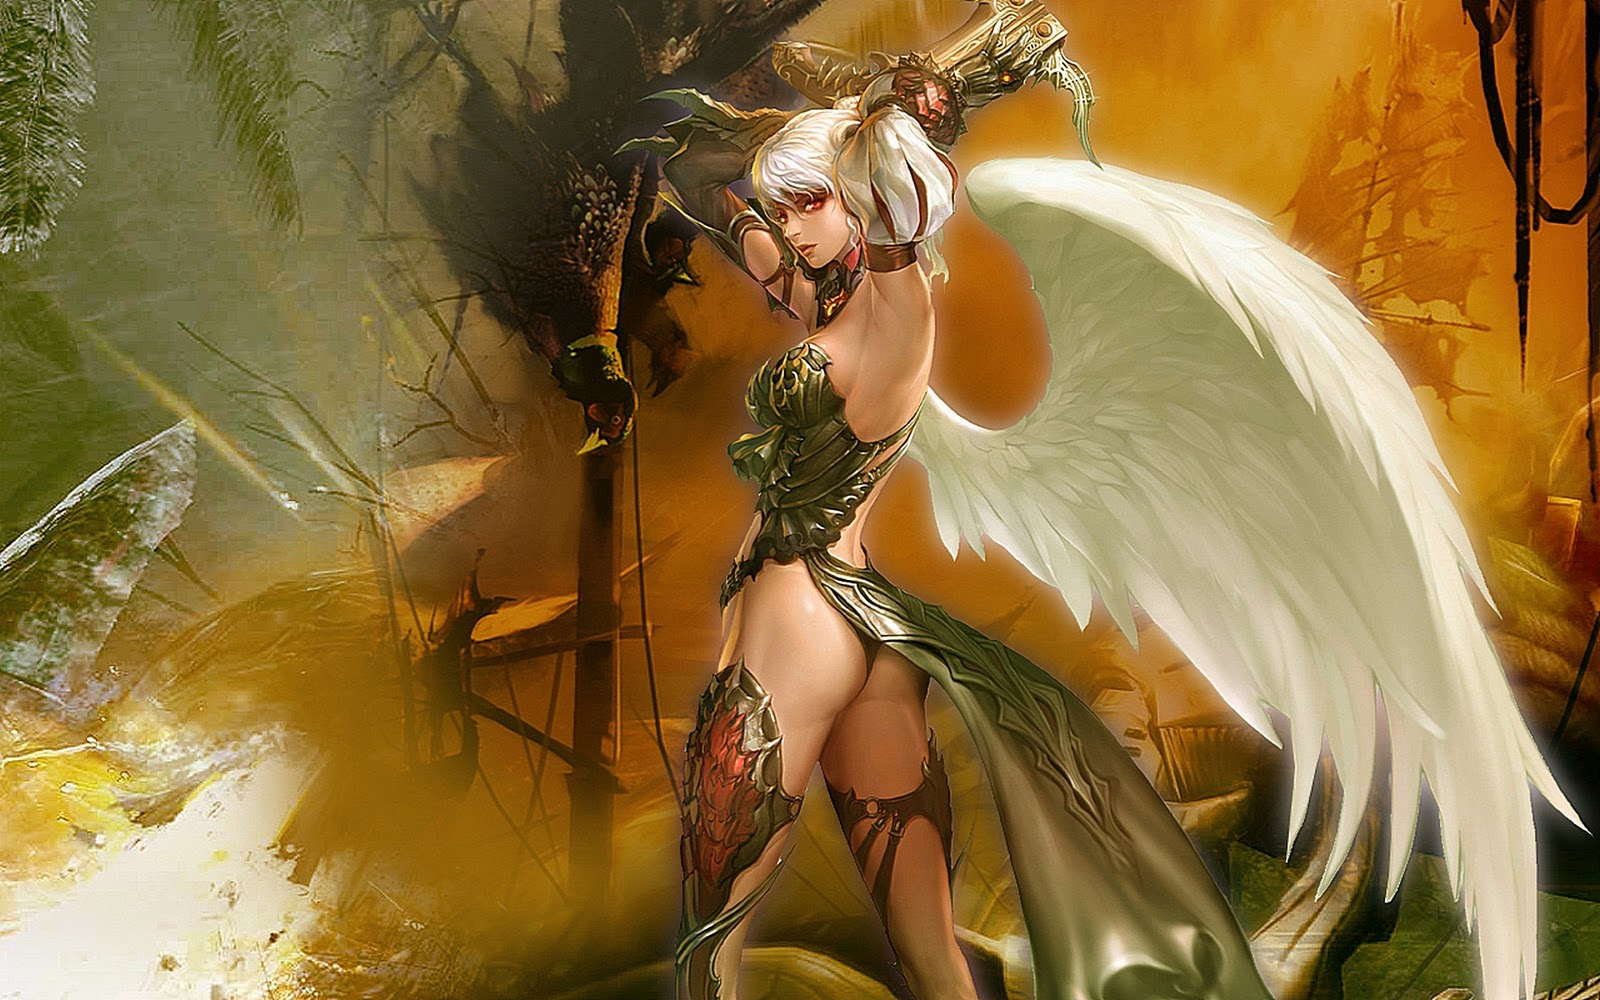 http://3.bp.blogspot.com/-sho2ScF7KK8/TxqTCrR3ACI/AAAAAAAAEMc/FqIax0_MXmk/s1600/BestHDWallpapersPack481_118.jpg